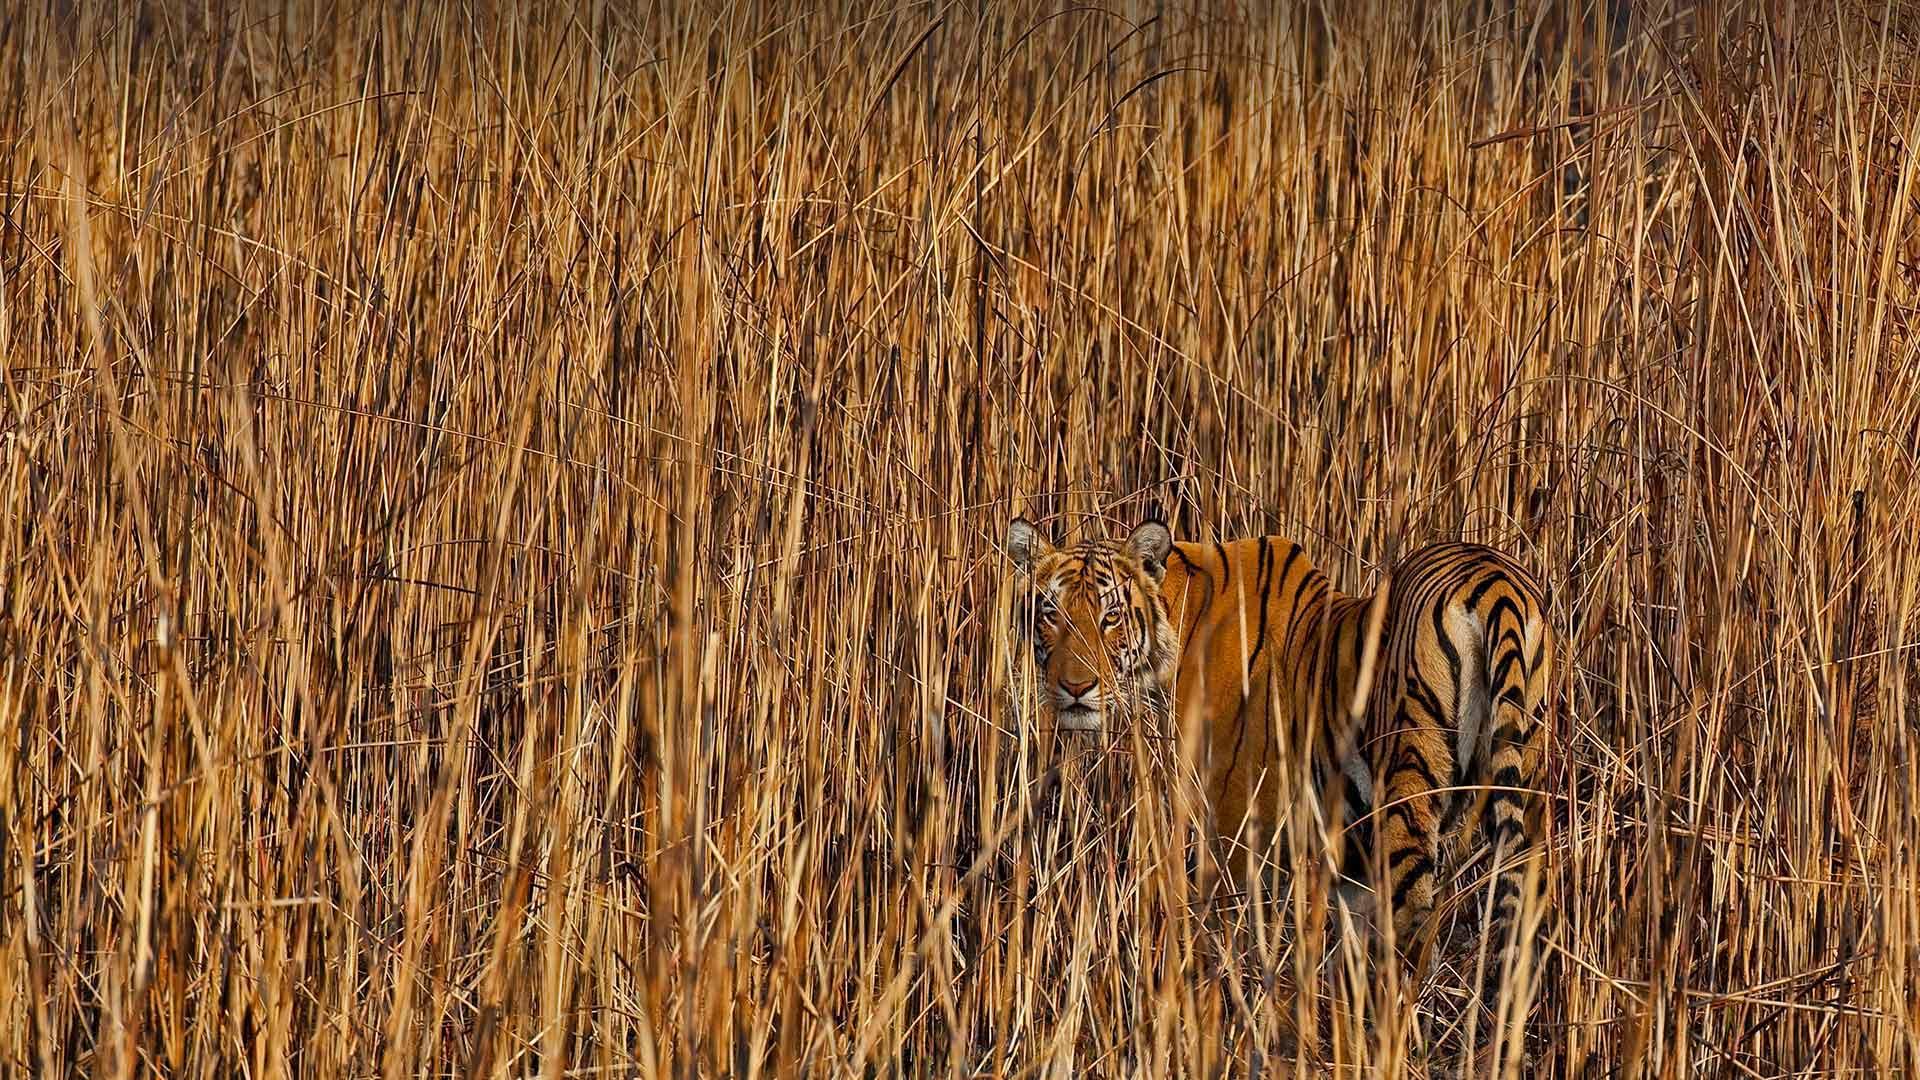 「草の間に潜むトラ」インド, アッサム州 (© Sandesh Kadur/Minden Pictures)